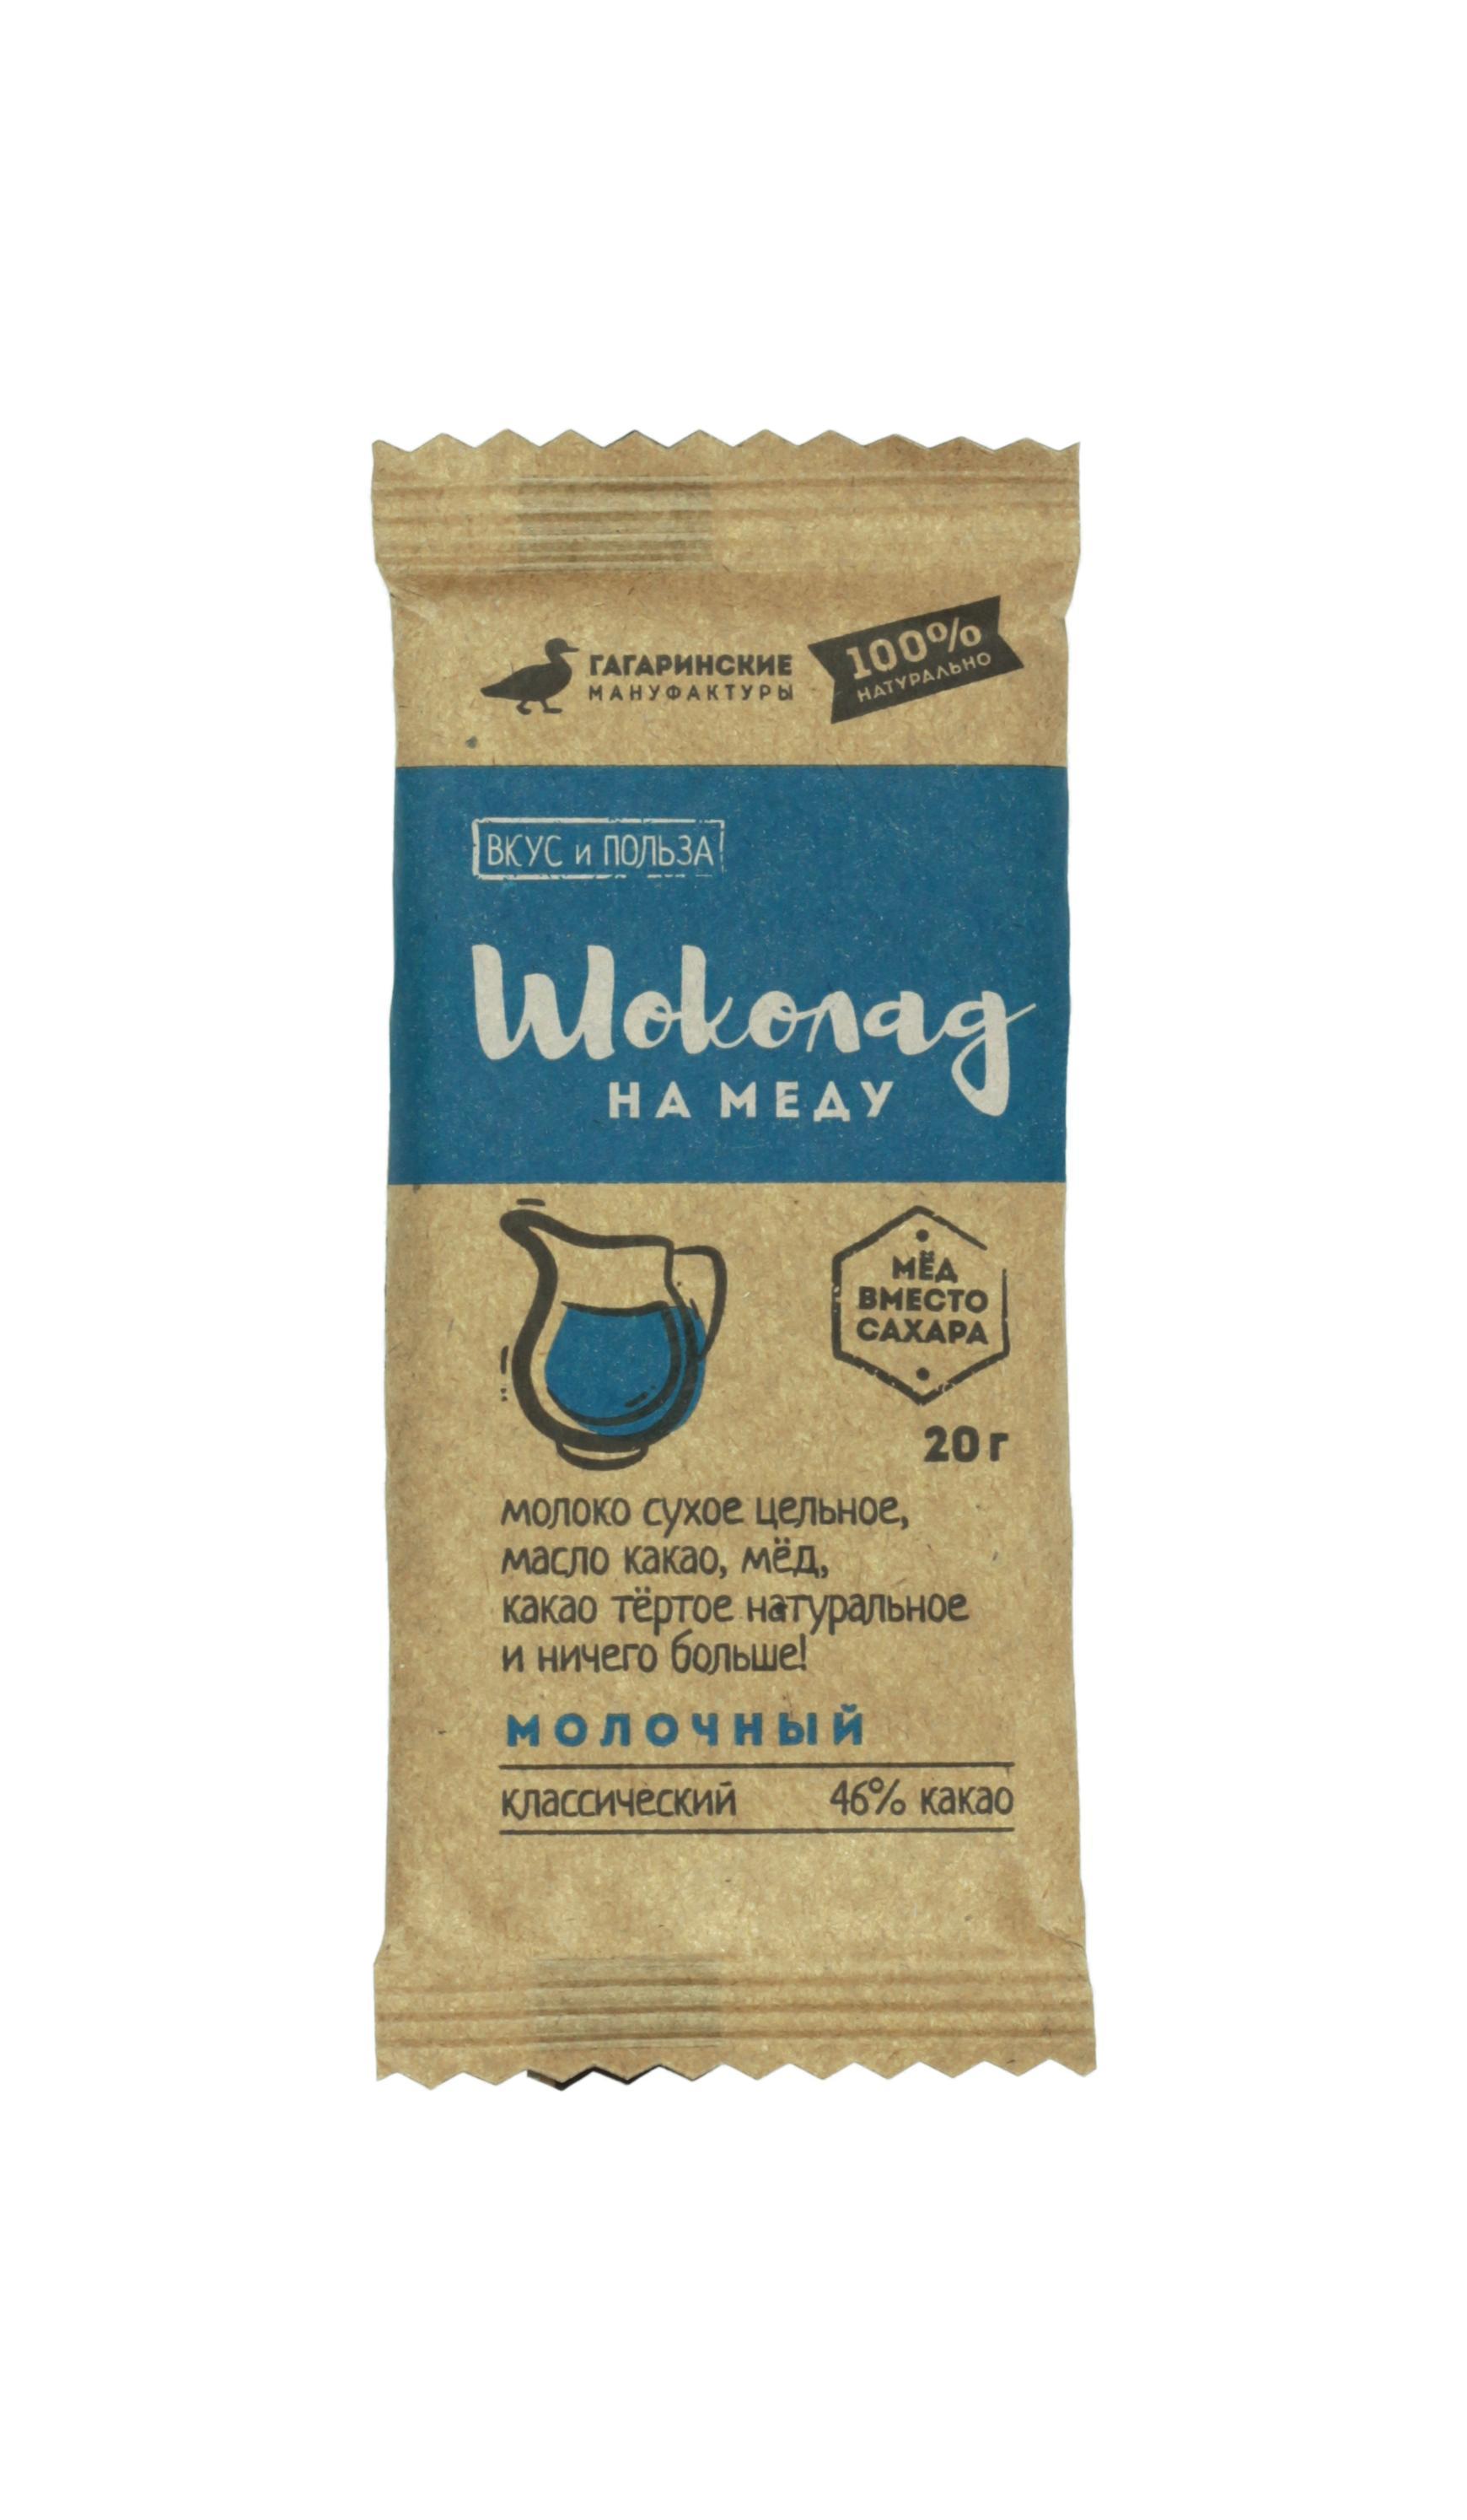 Шоколад Шоколад На Меду ВКУС И ПОЛЬЗА Молочный 46% какао